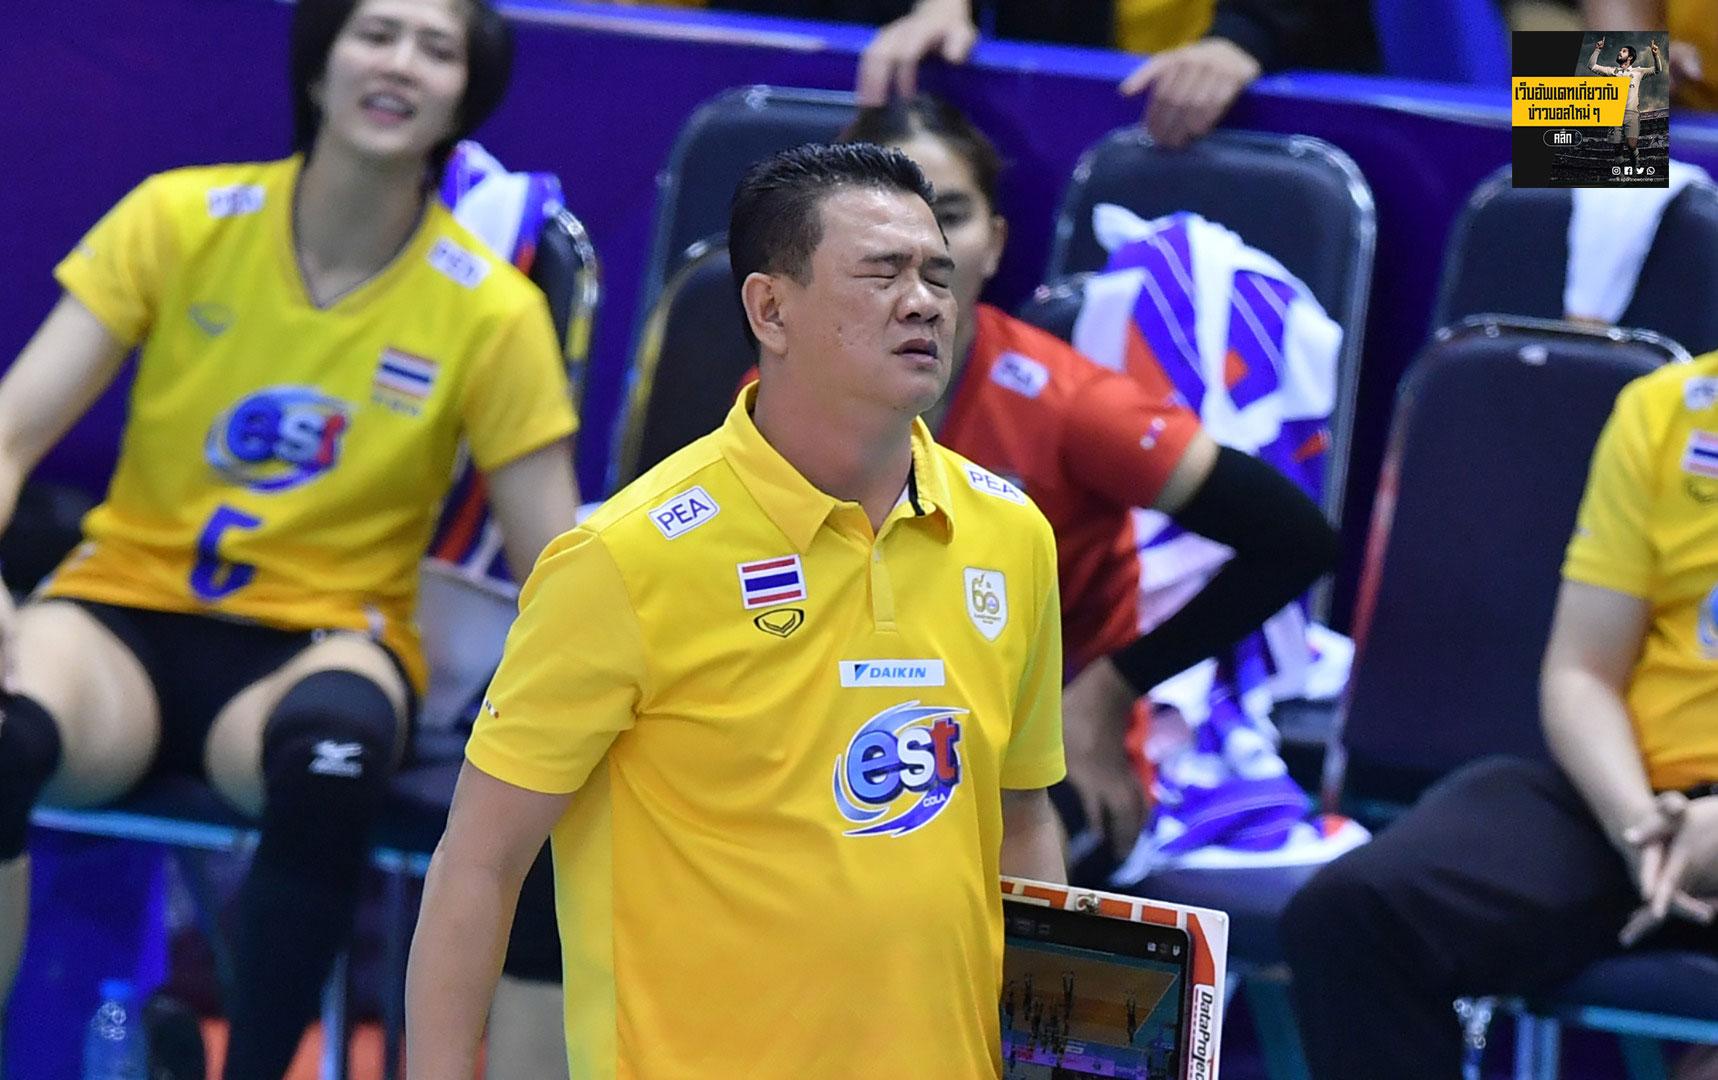 สุดเสียดาย วอลเลย์บอลหญิงไทยอดไปโอลิมปิก ที่โตเกียว